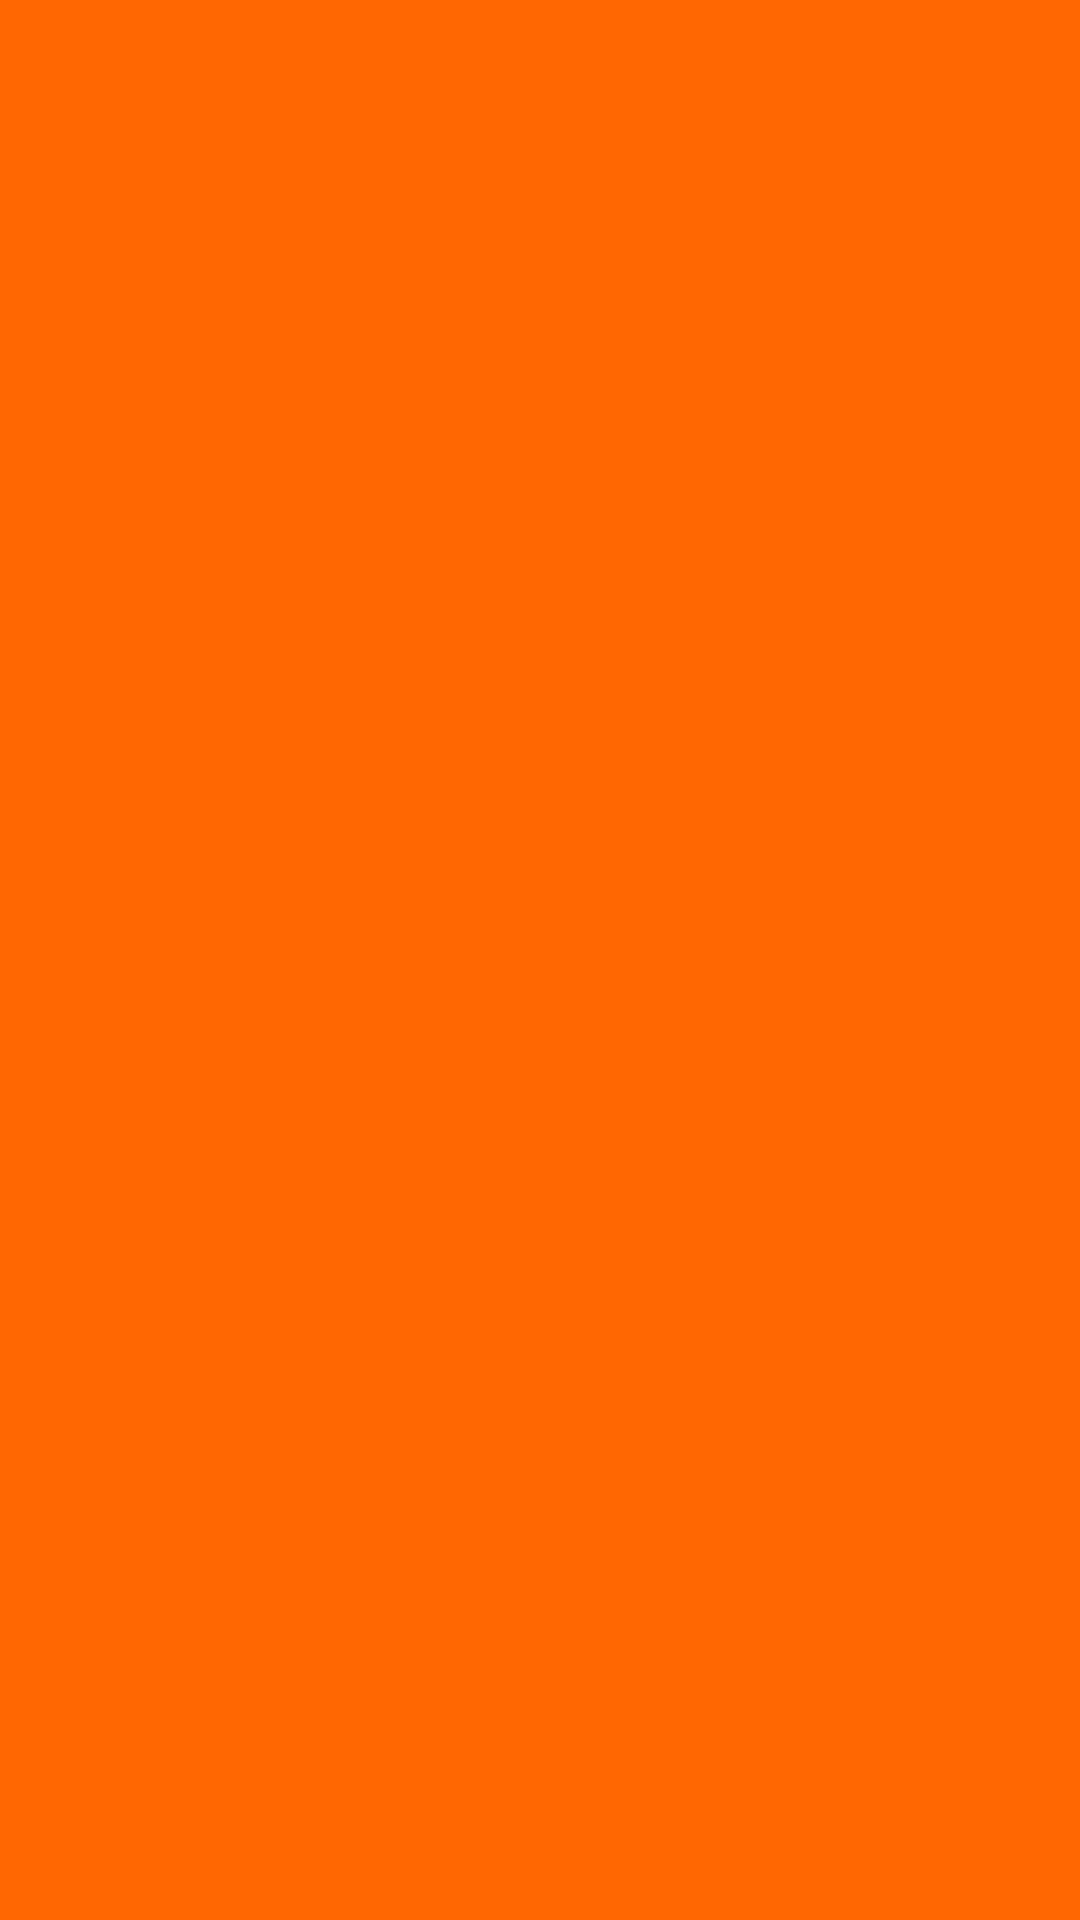 1080x1920 Safety Orange Blaze Orange Solid Color Background